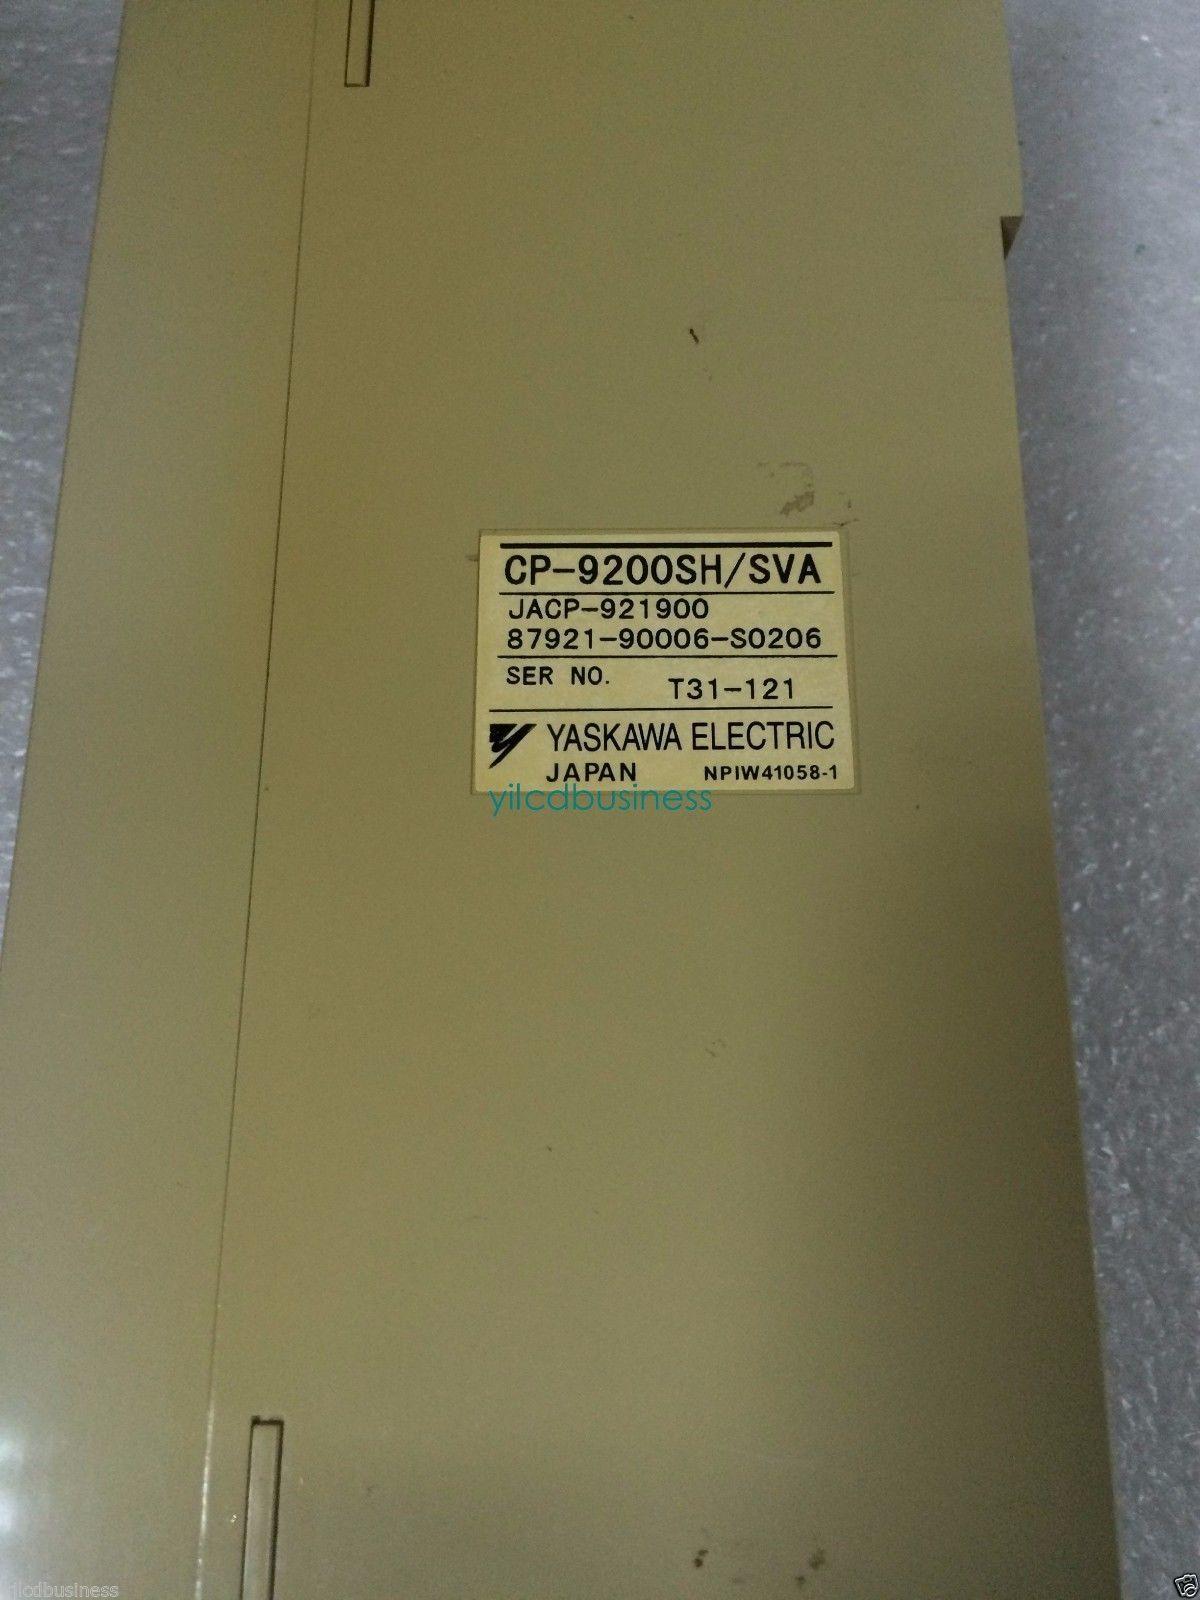 CP-9200SH/SVA JACP-921900 Yaskawa Servo motor  90 days warranty - $950.00